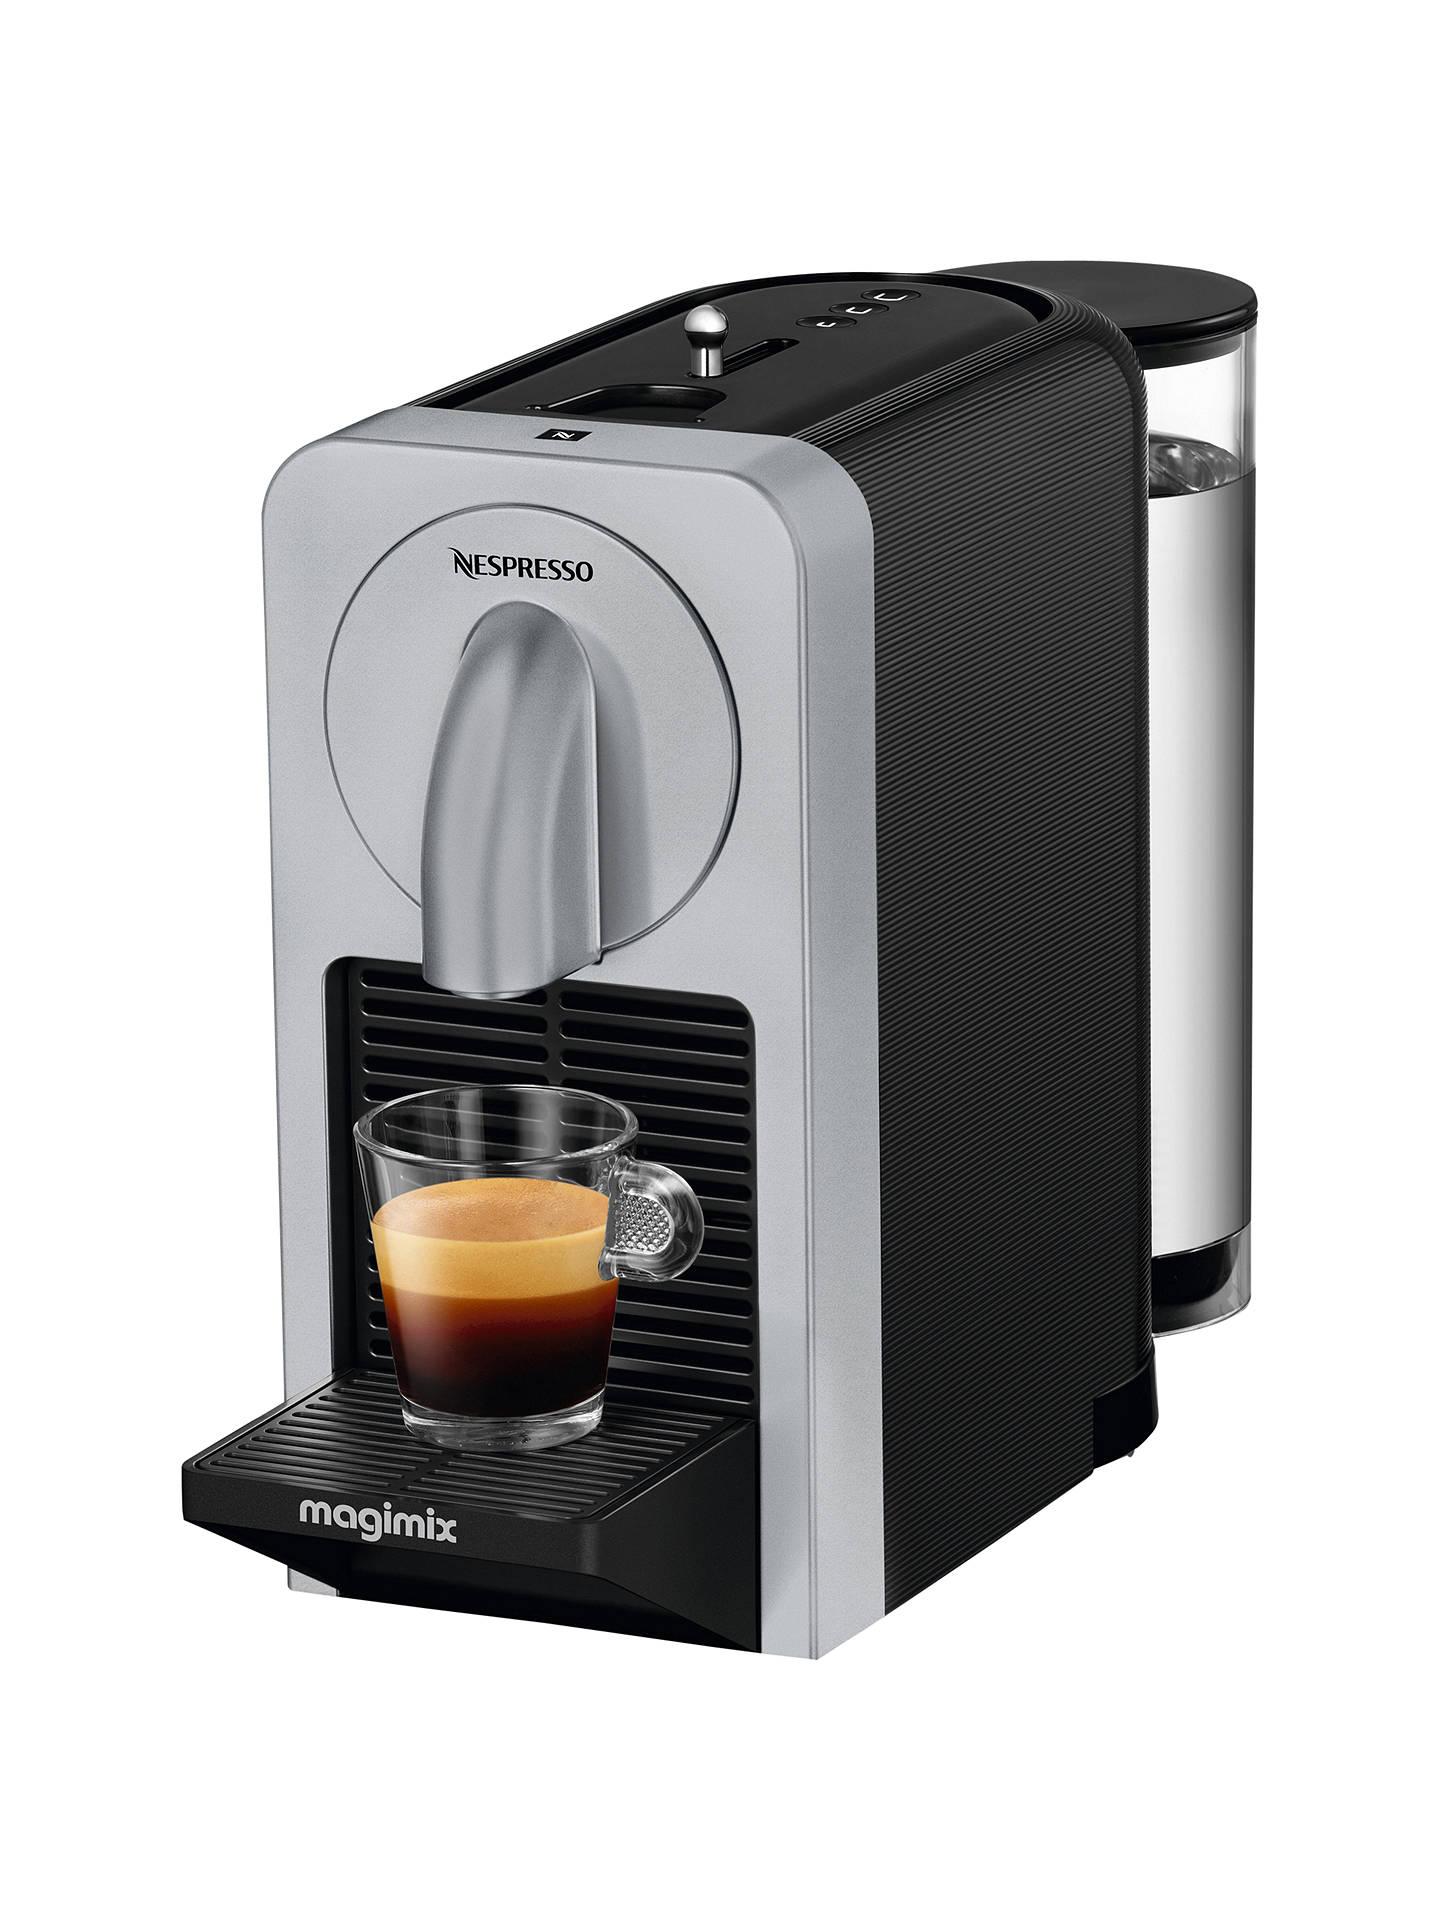 Nespresso Prodigio Coffee Machine By Magimix With Bluetooth